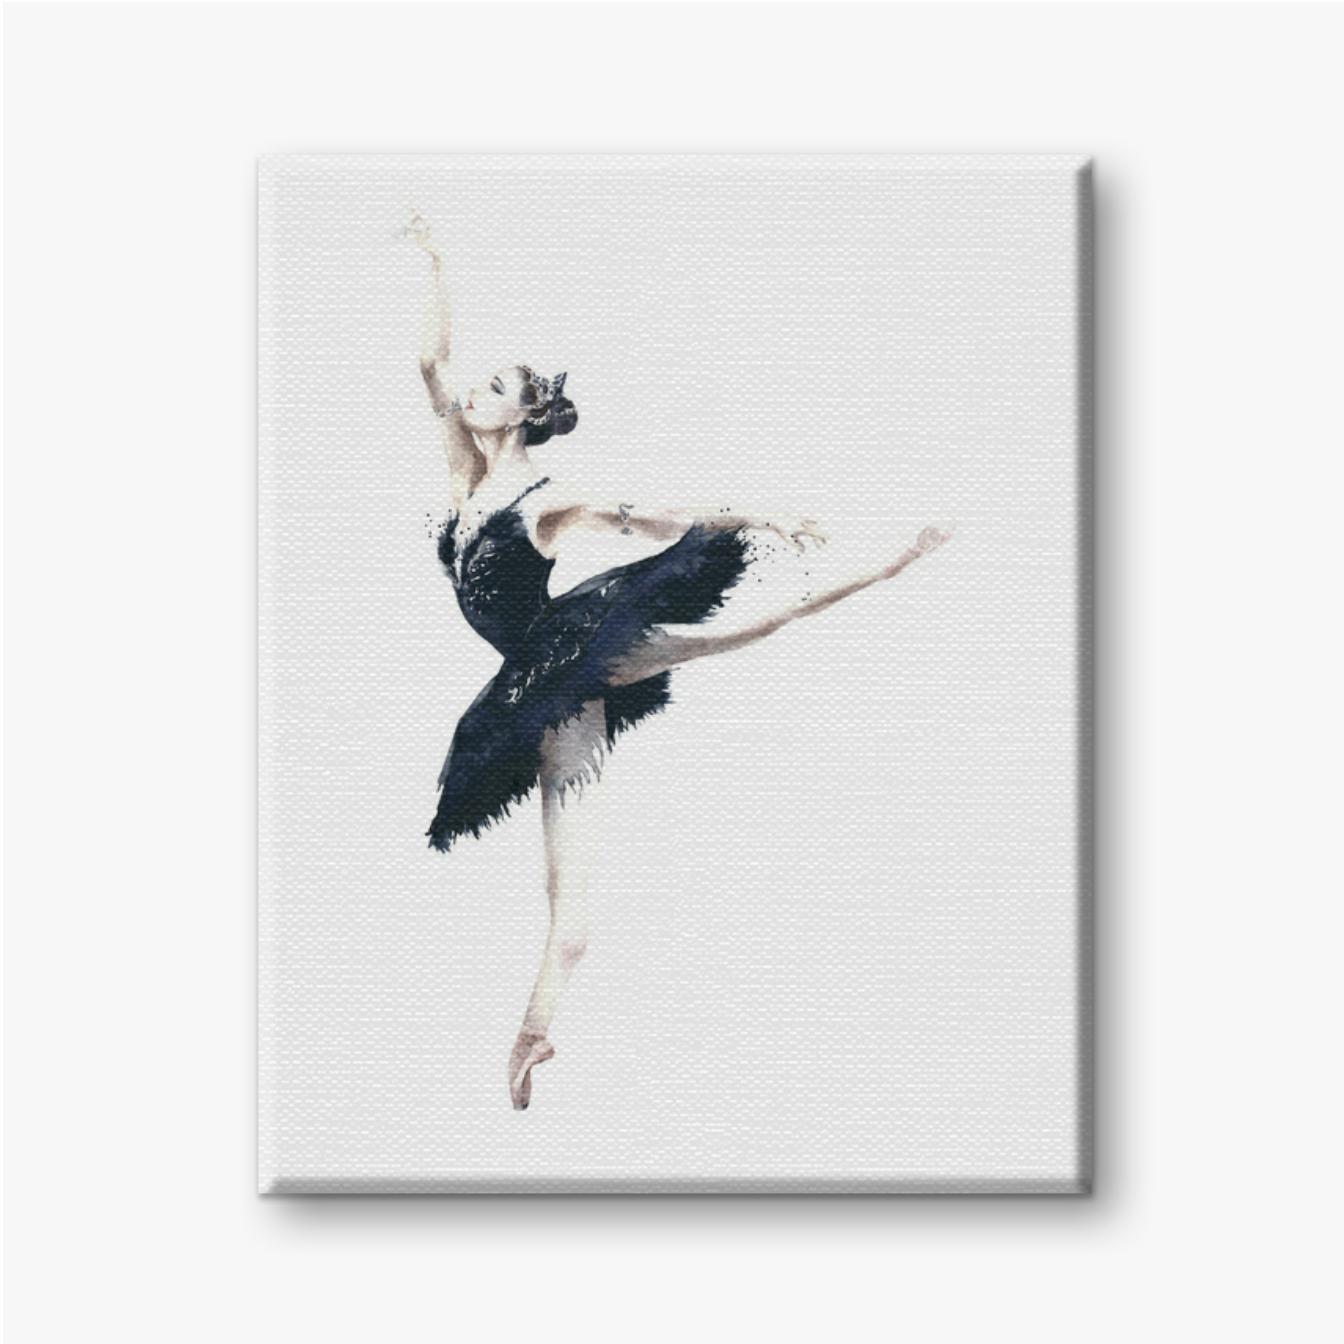 Ballerina Tänzer Odile schwarzer Schwan, Schwanensee